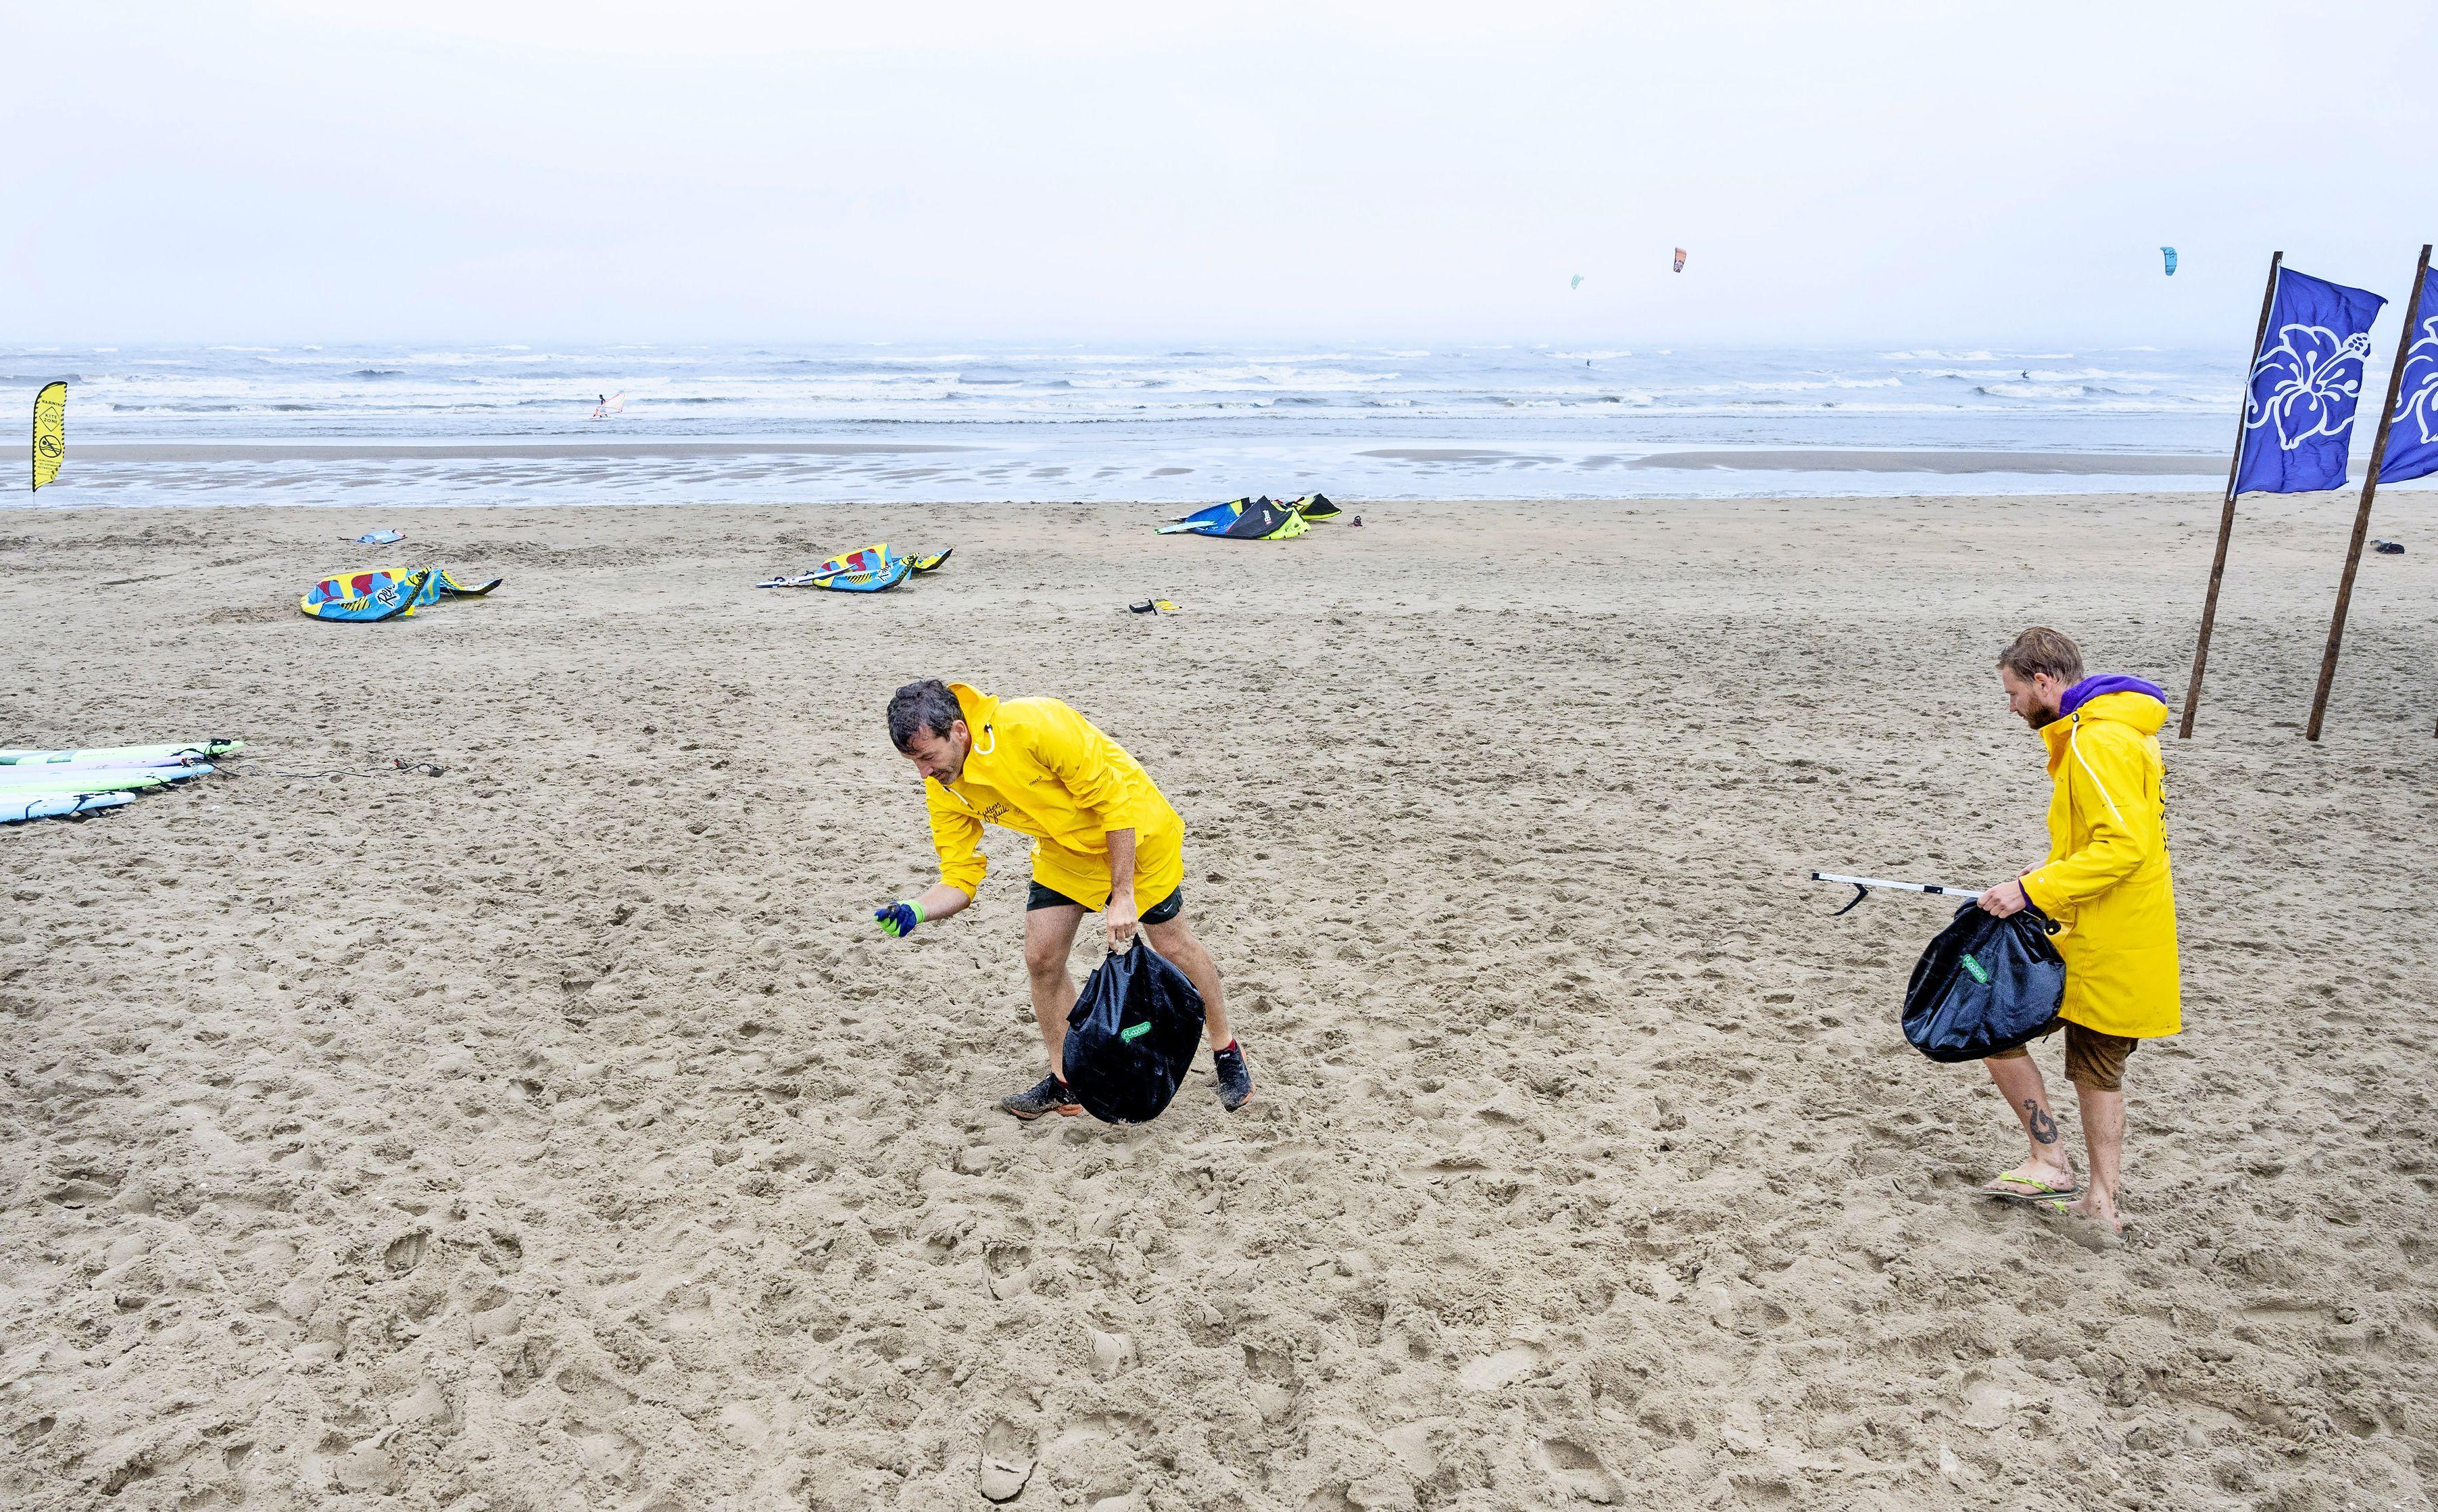 'Ploggen' op het Bloemendaalse strand: 'Zoeken is leuk, maar ik ben vooral creatief met plastic'